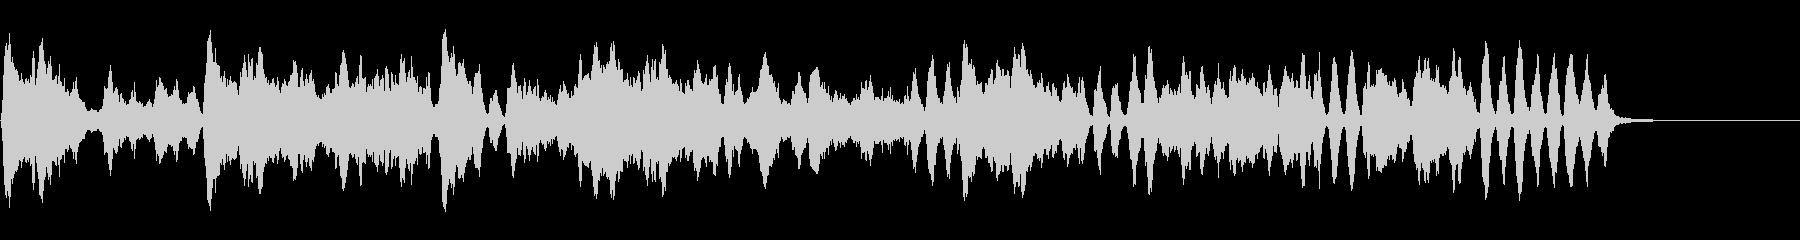 バッハのメヌエット(バイオリン演奏)の未再生の波形